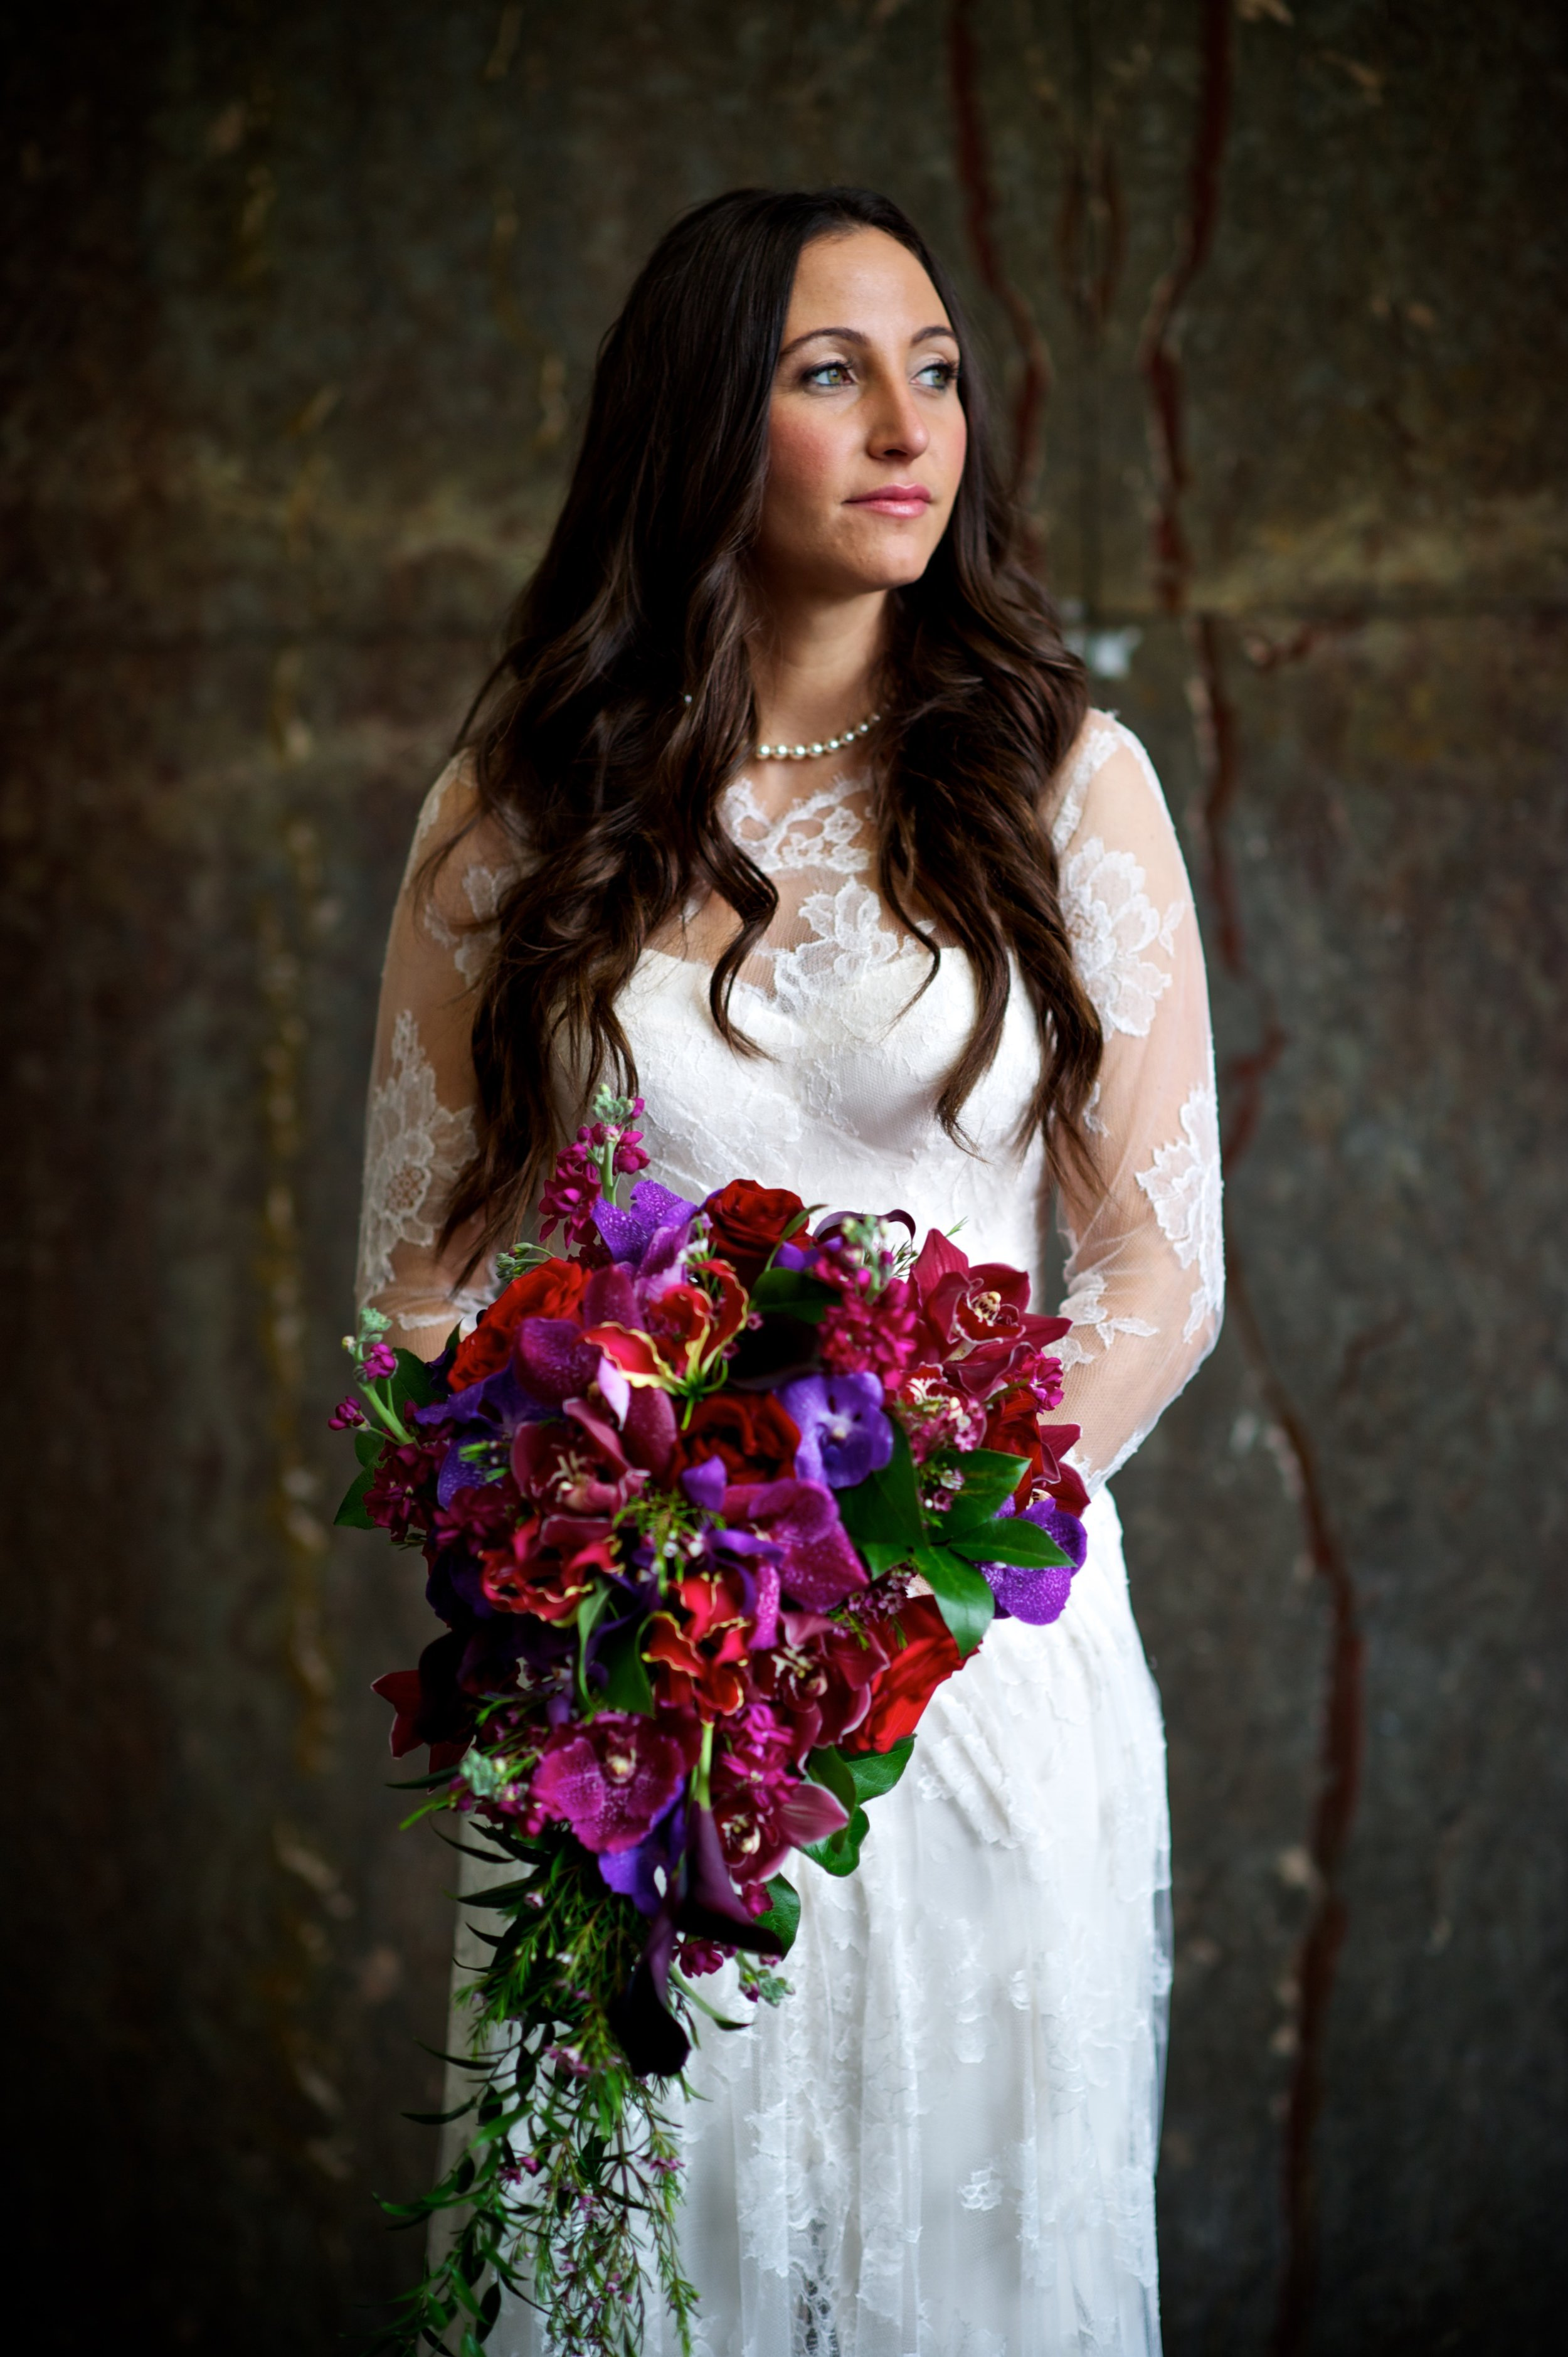 Chicago bridal portrait